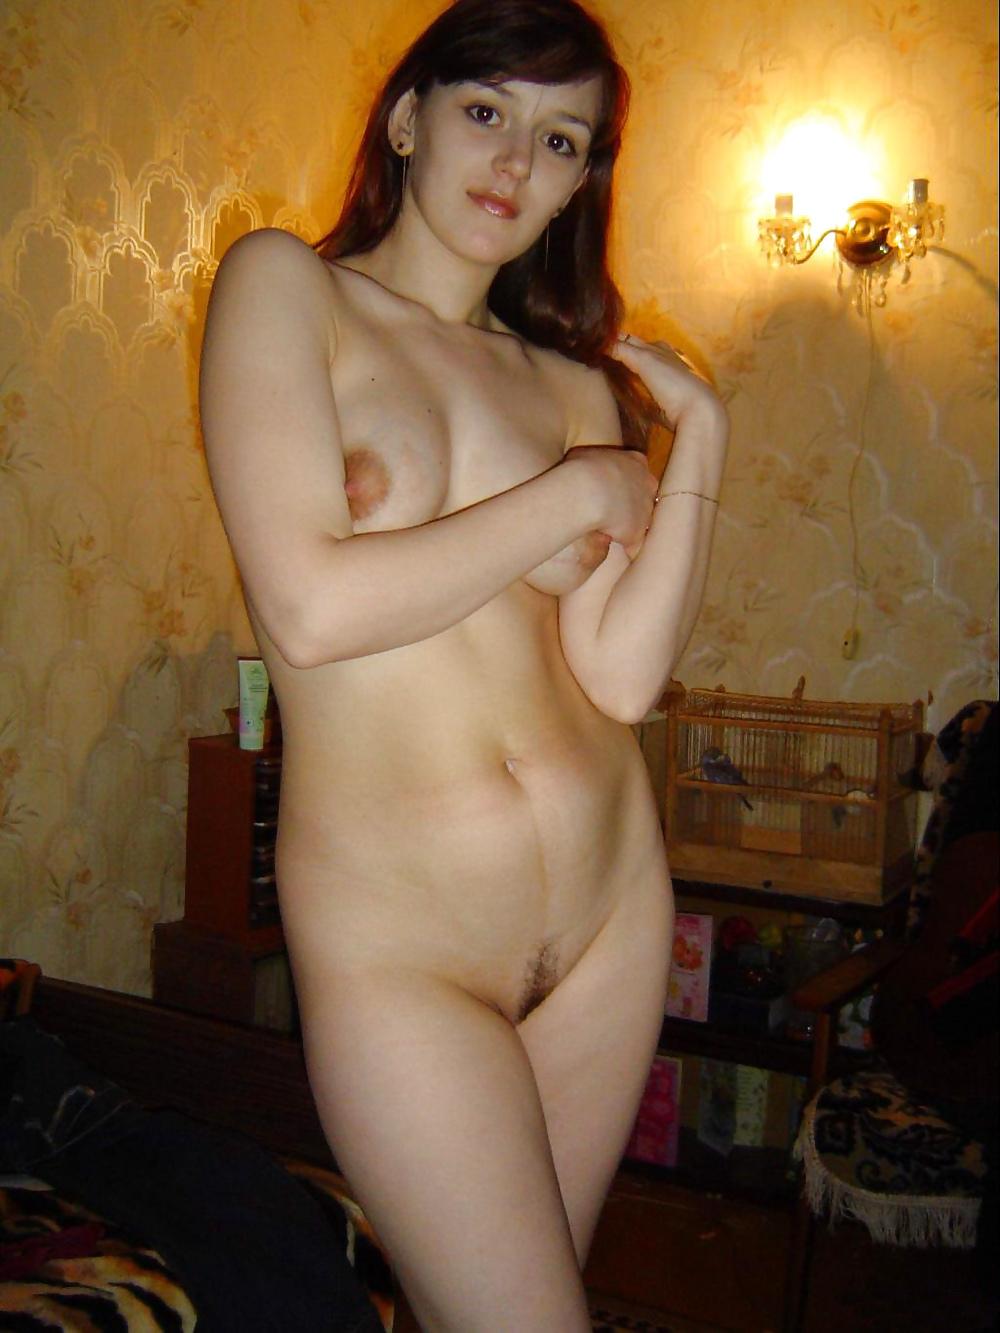 Частное фото ню жены, китайские фото голые